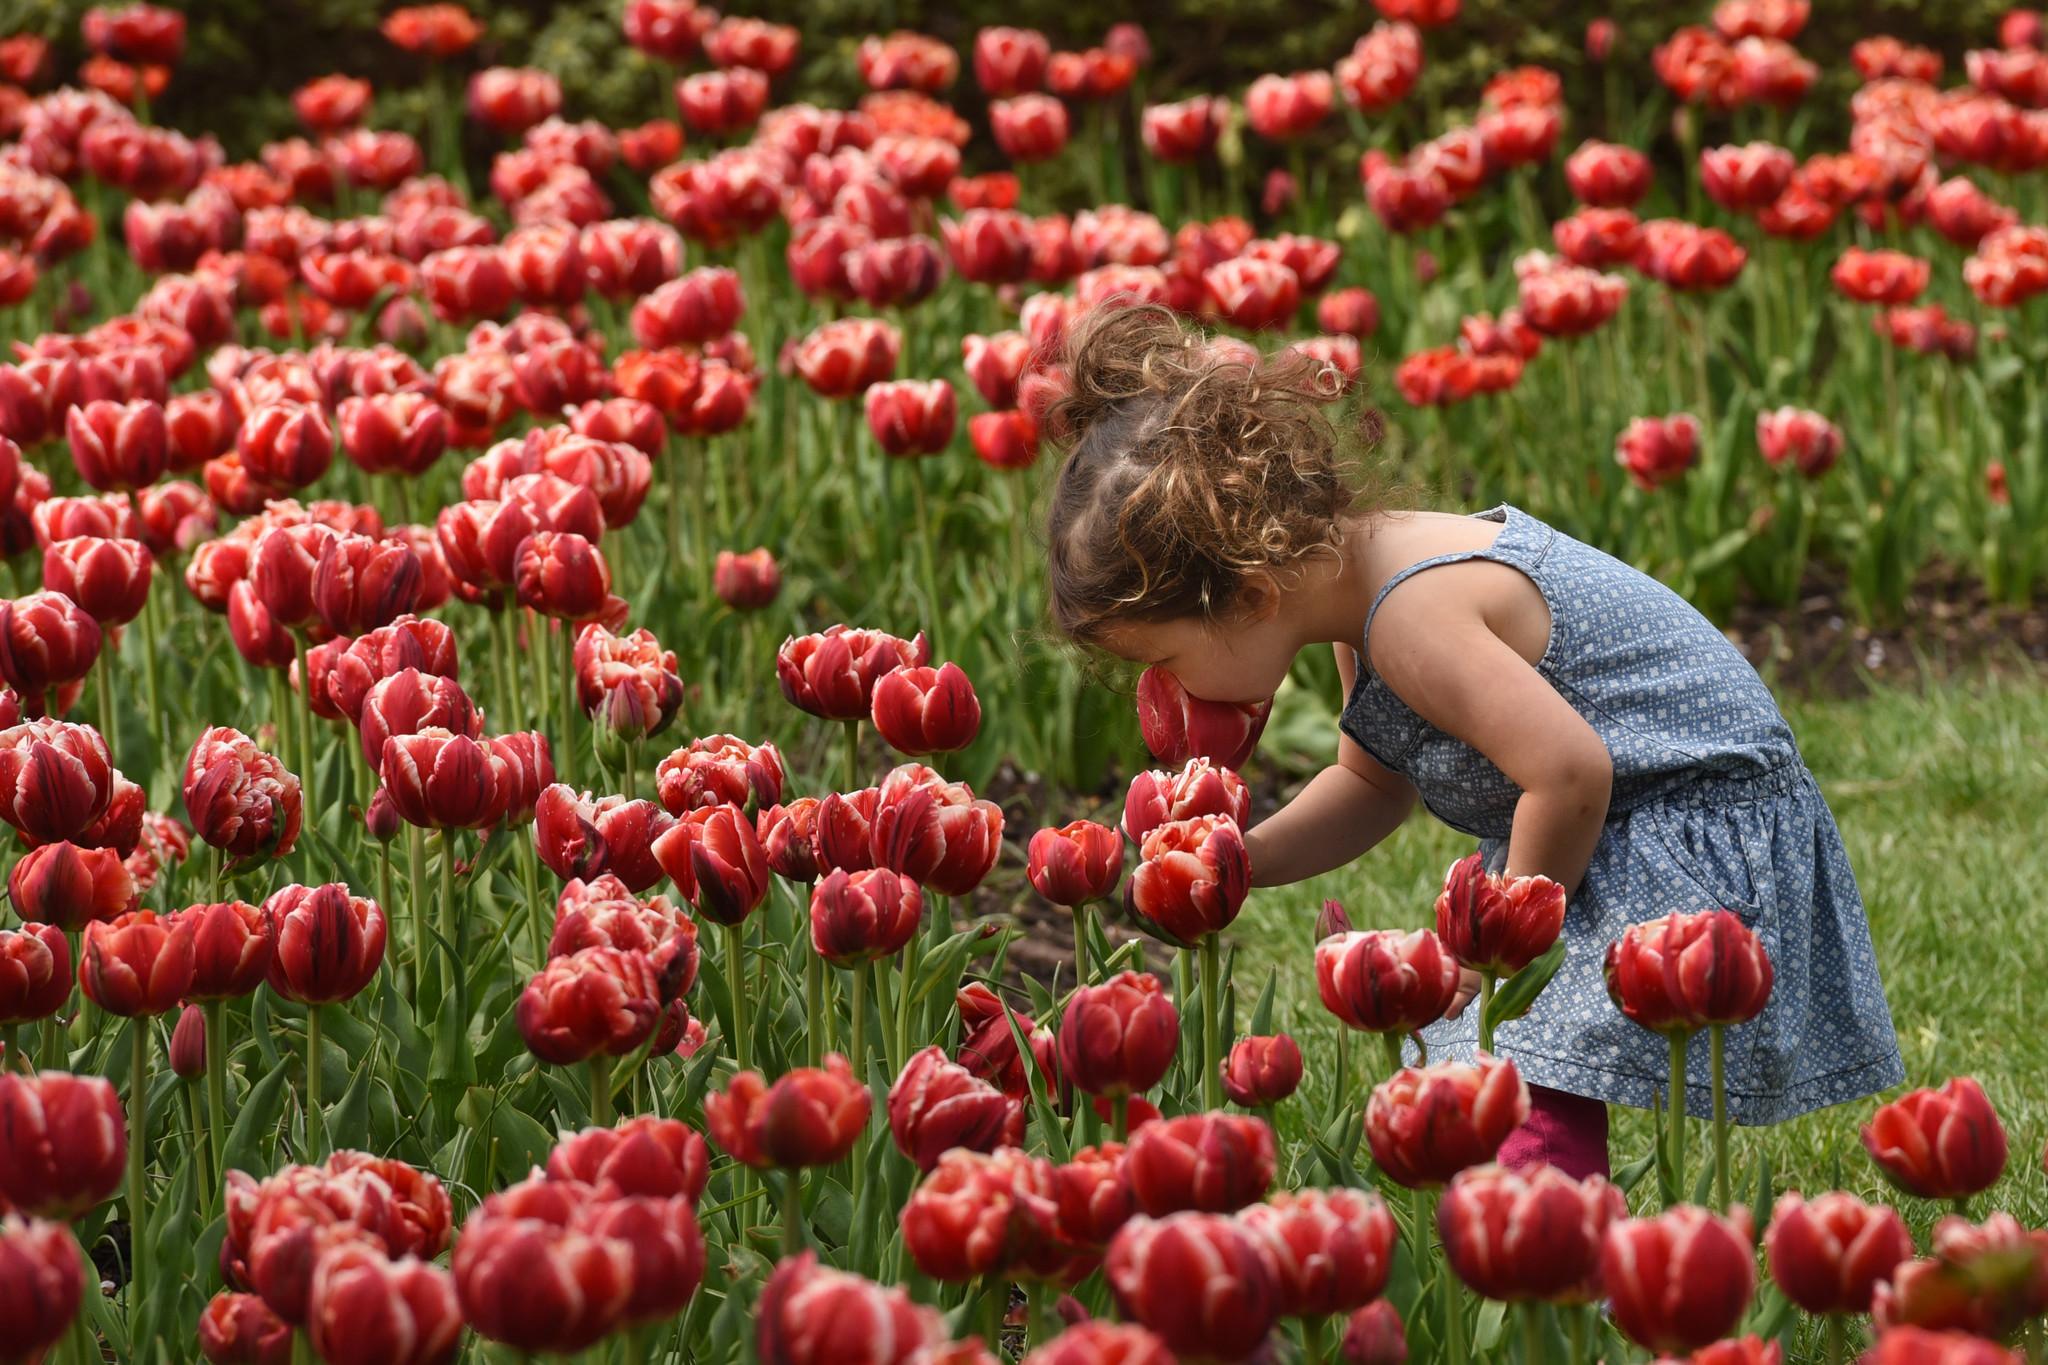 Your guide to spring fun in Baltimore - Baltimore Sun